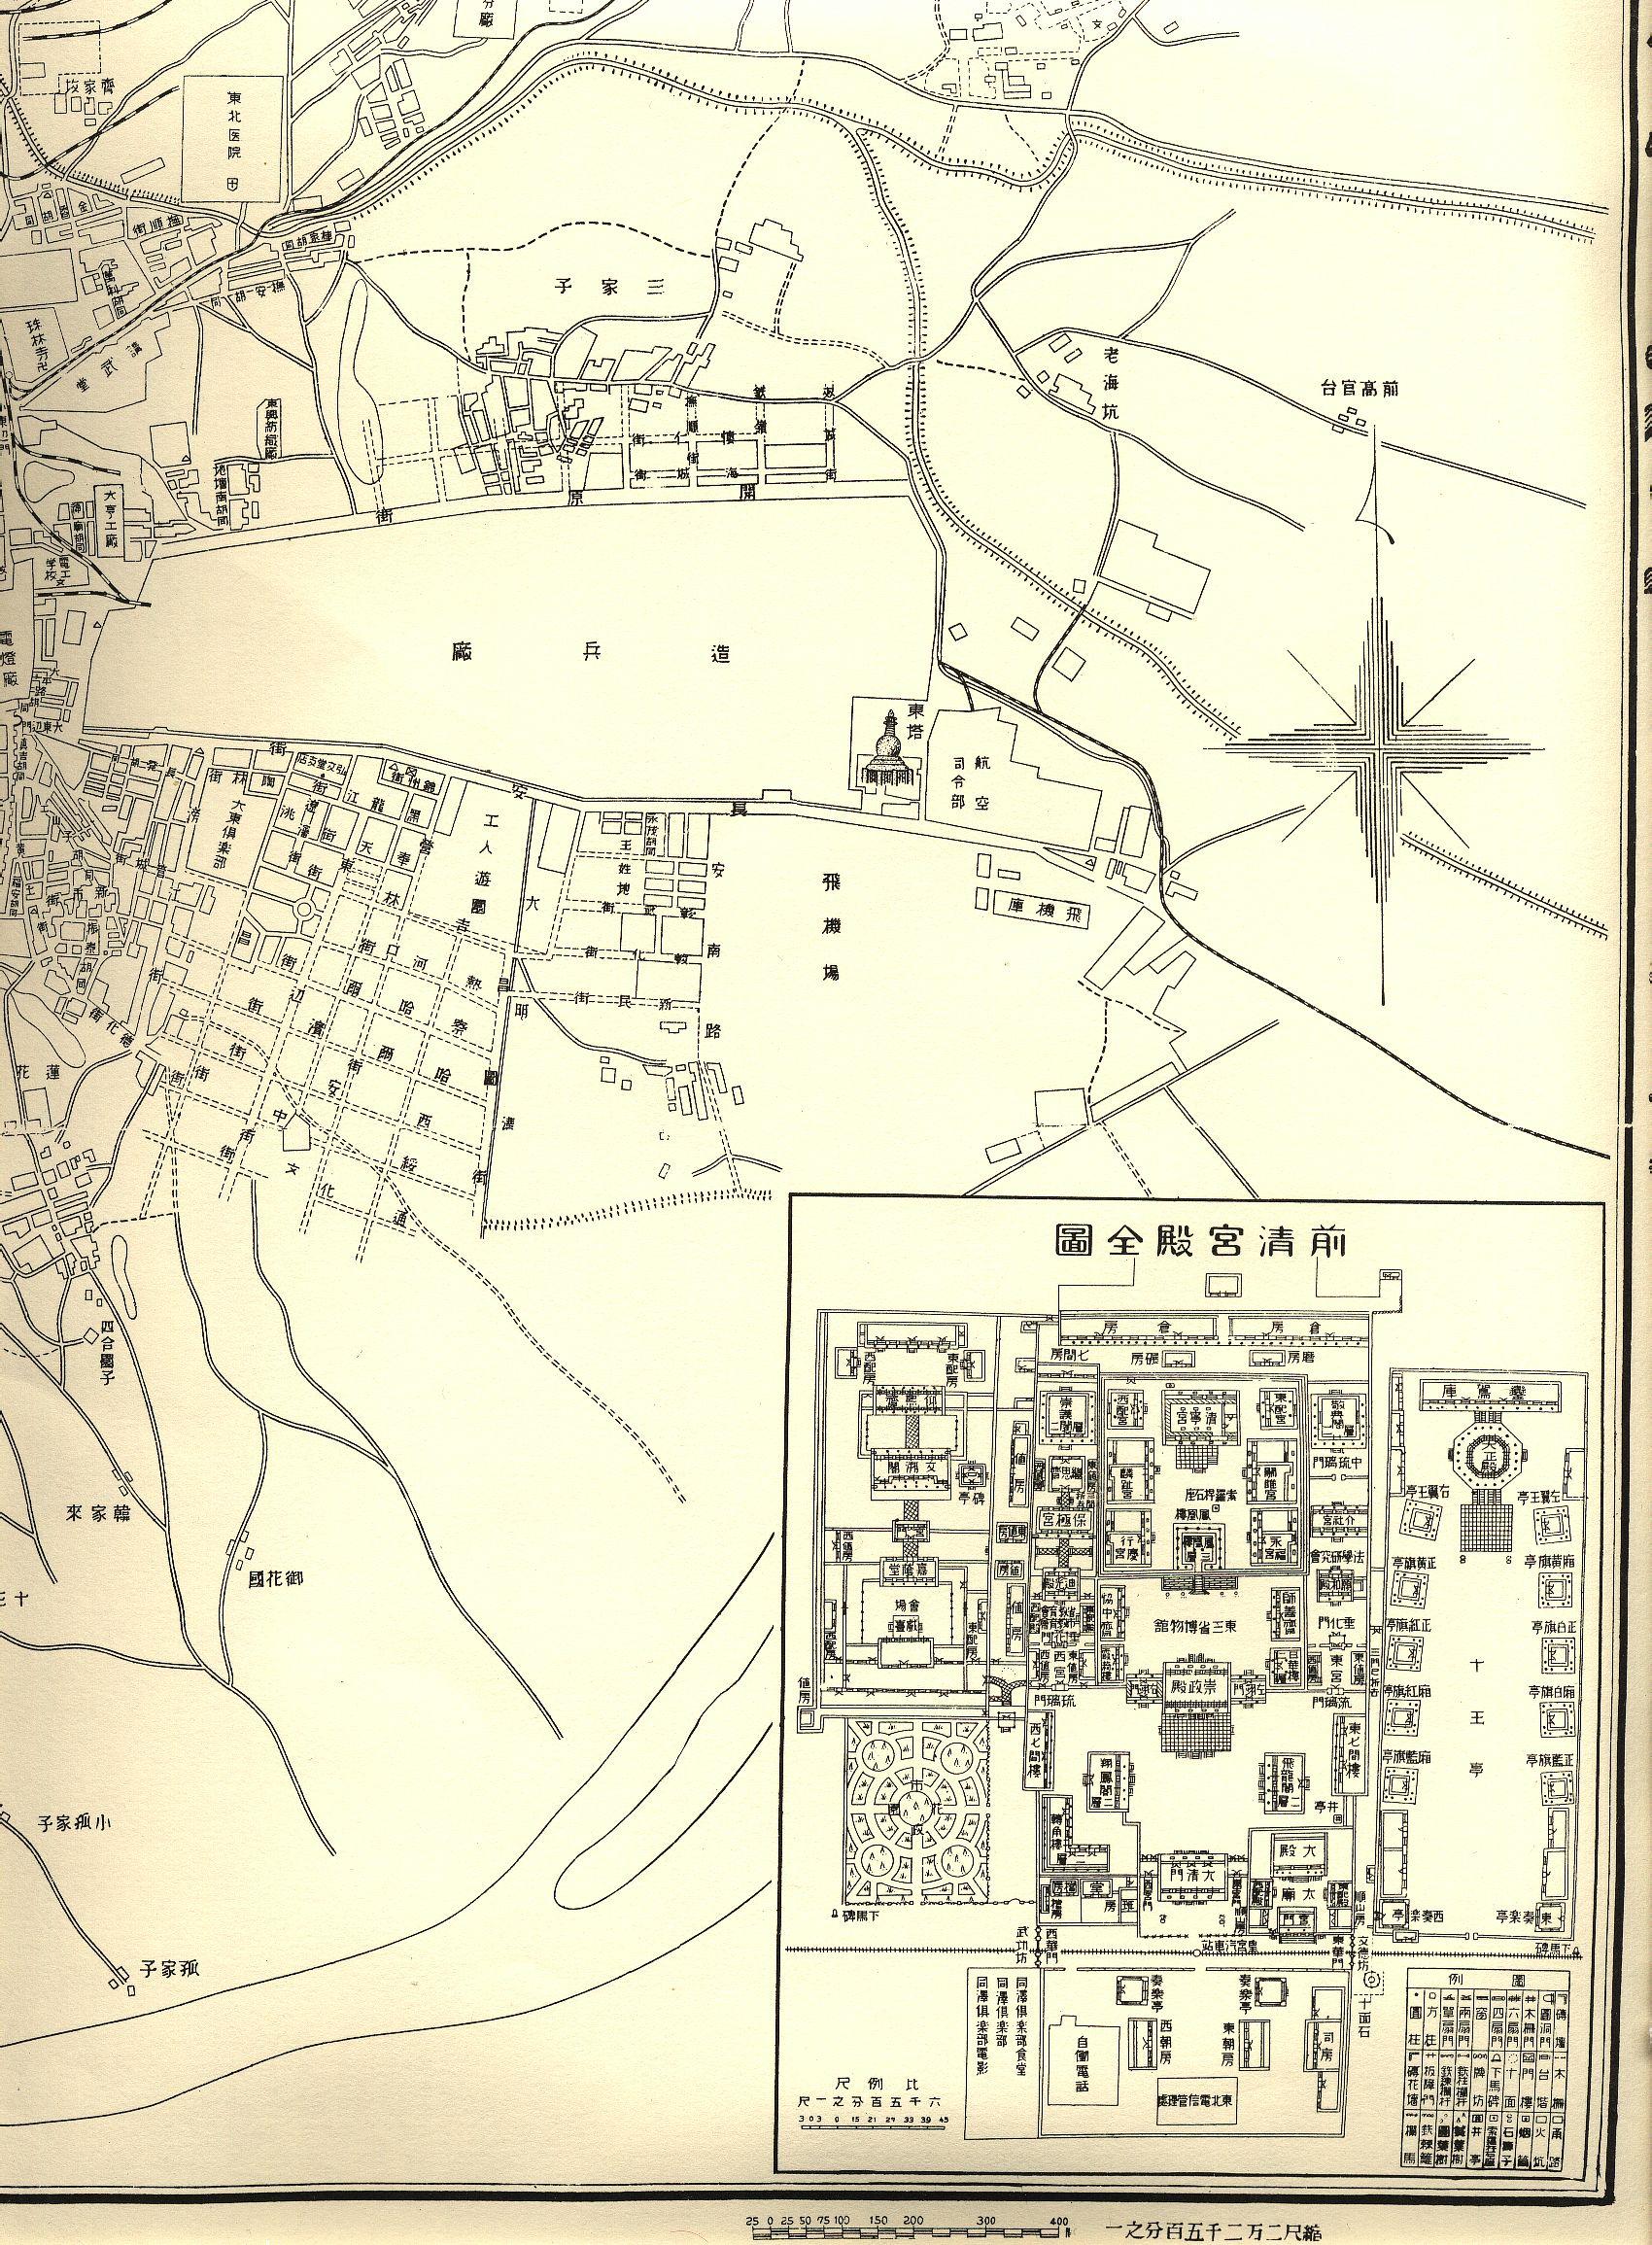 沈阳(原来的奉天)老地图,收藏精品